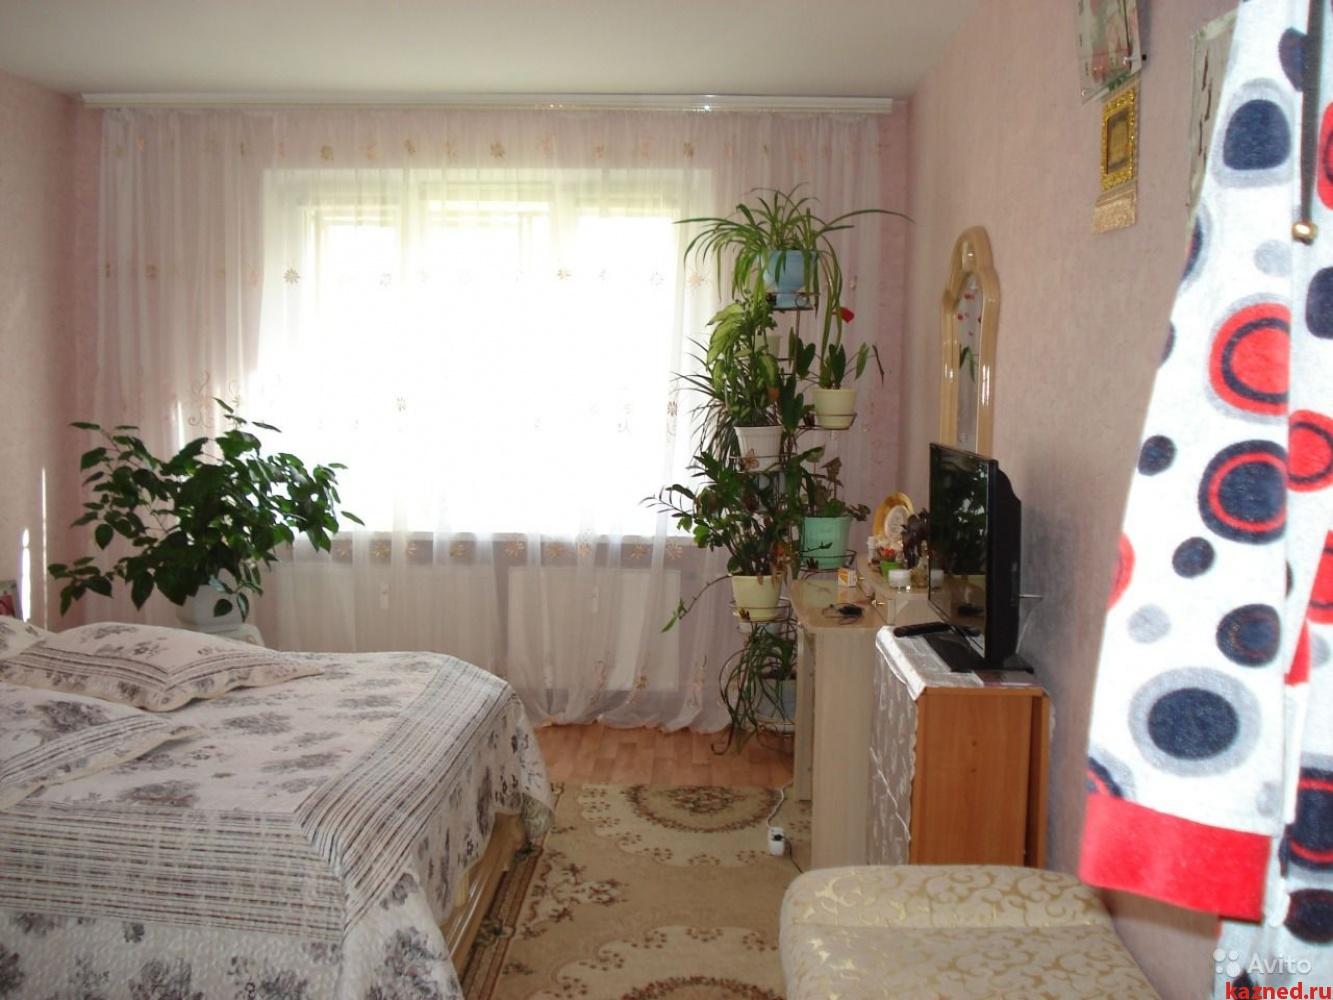 Продажа 3-к квартиры Гайсина, 3, 77 м2  (миниатюра №1)